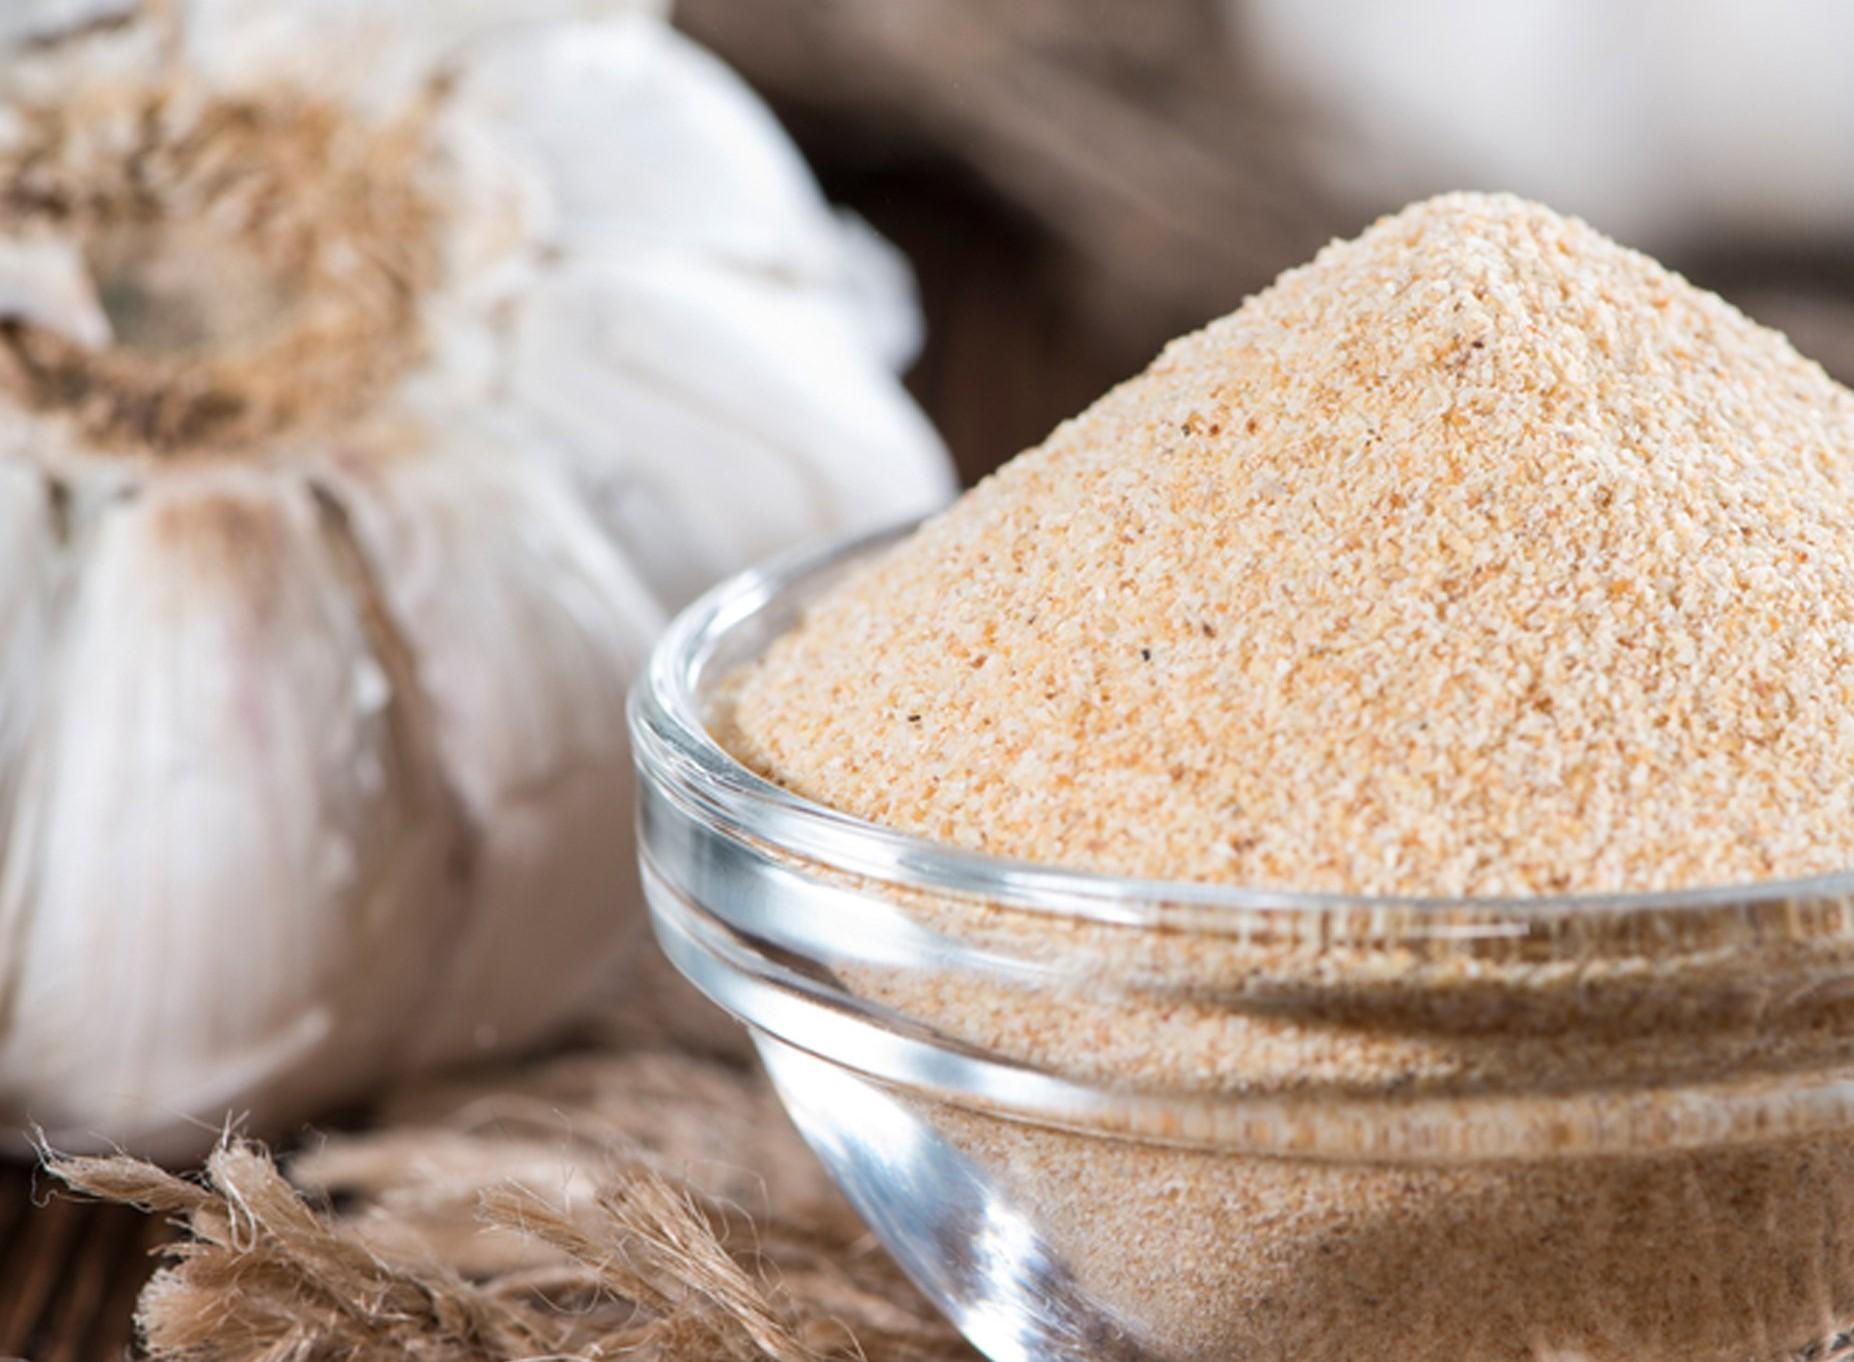 Toz sarımsak nasıl yapılır?